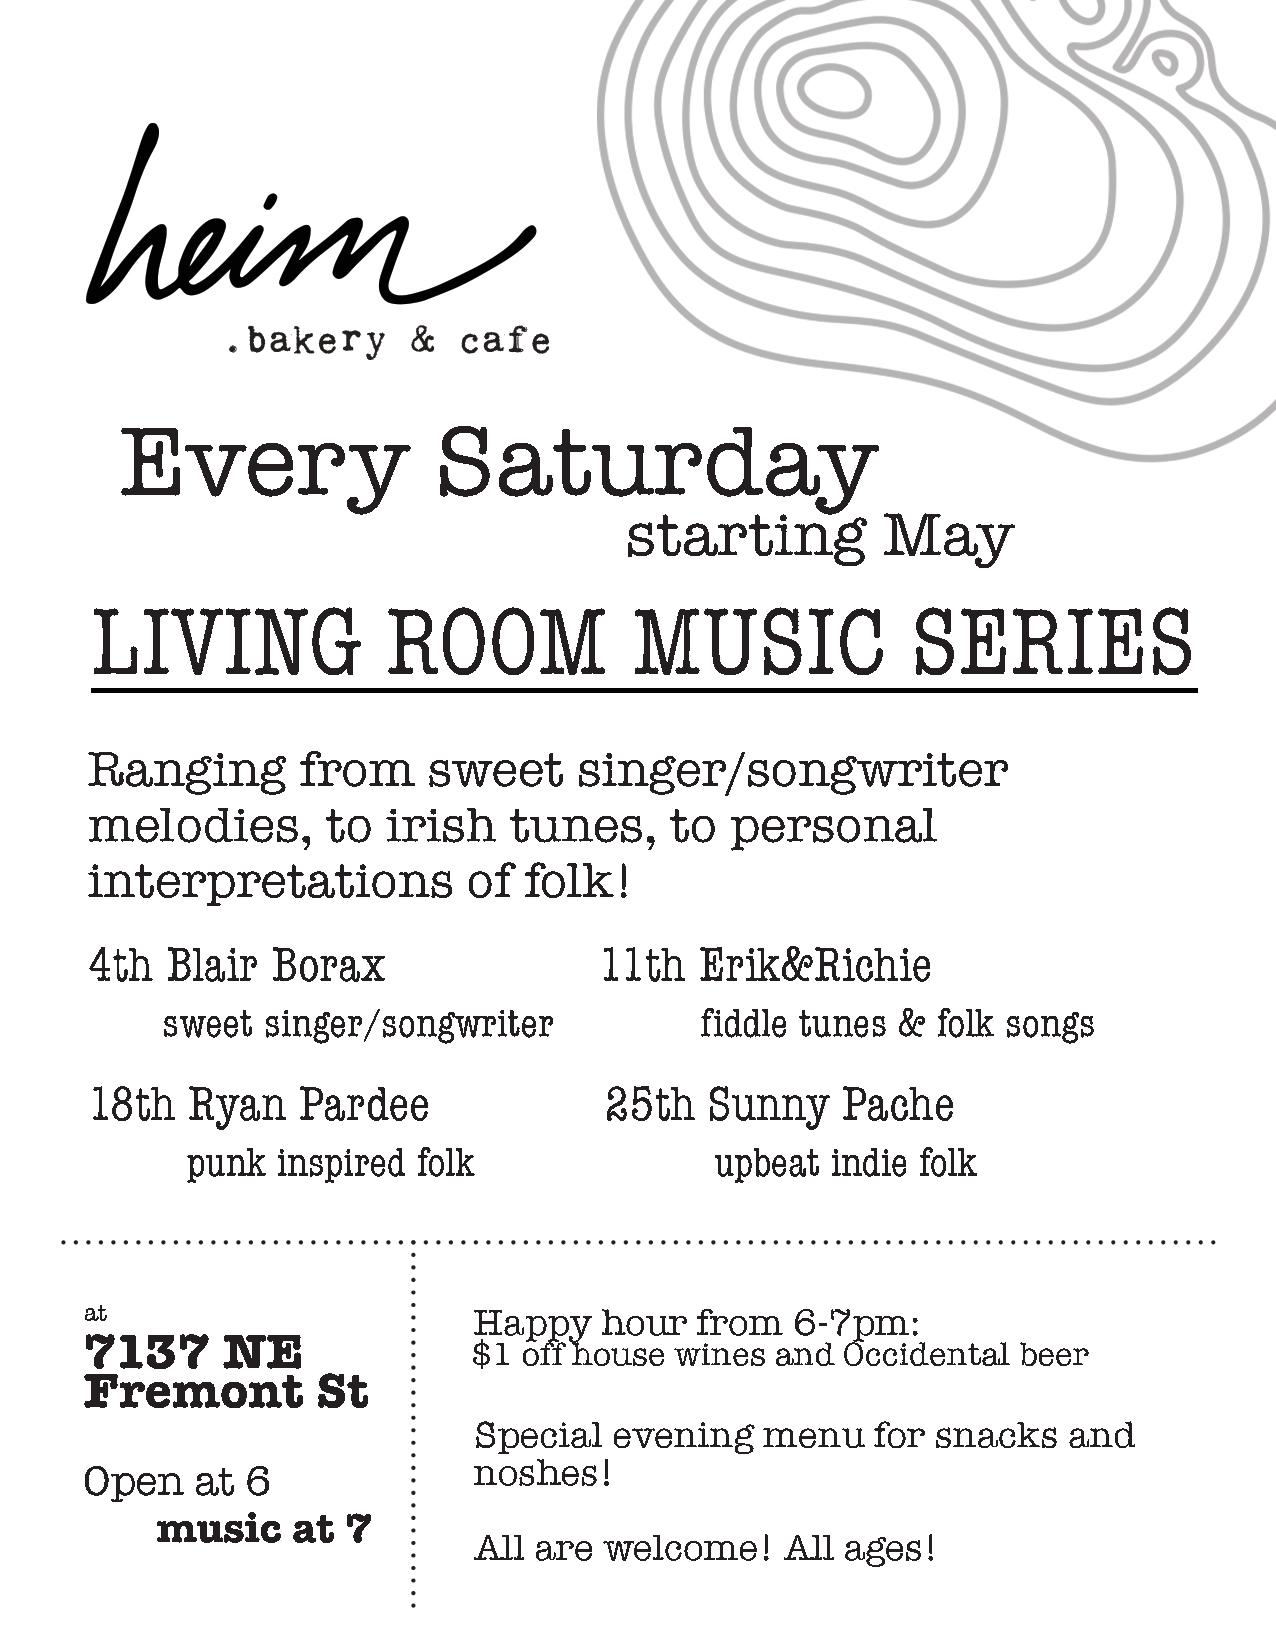 HeimLivingroomConcertMay-page-001.jpg